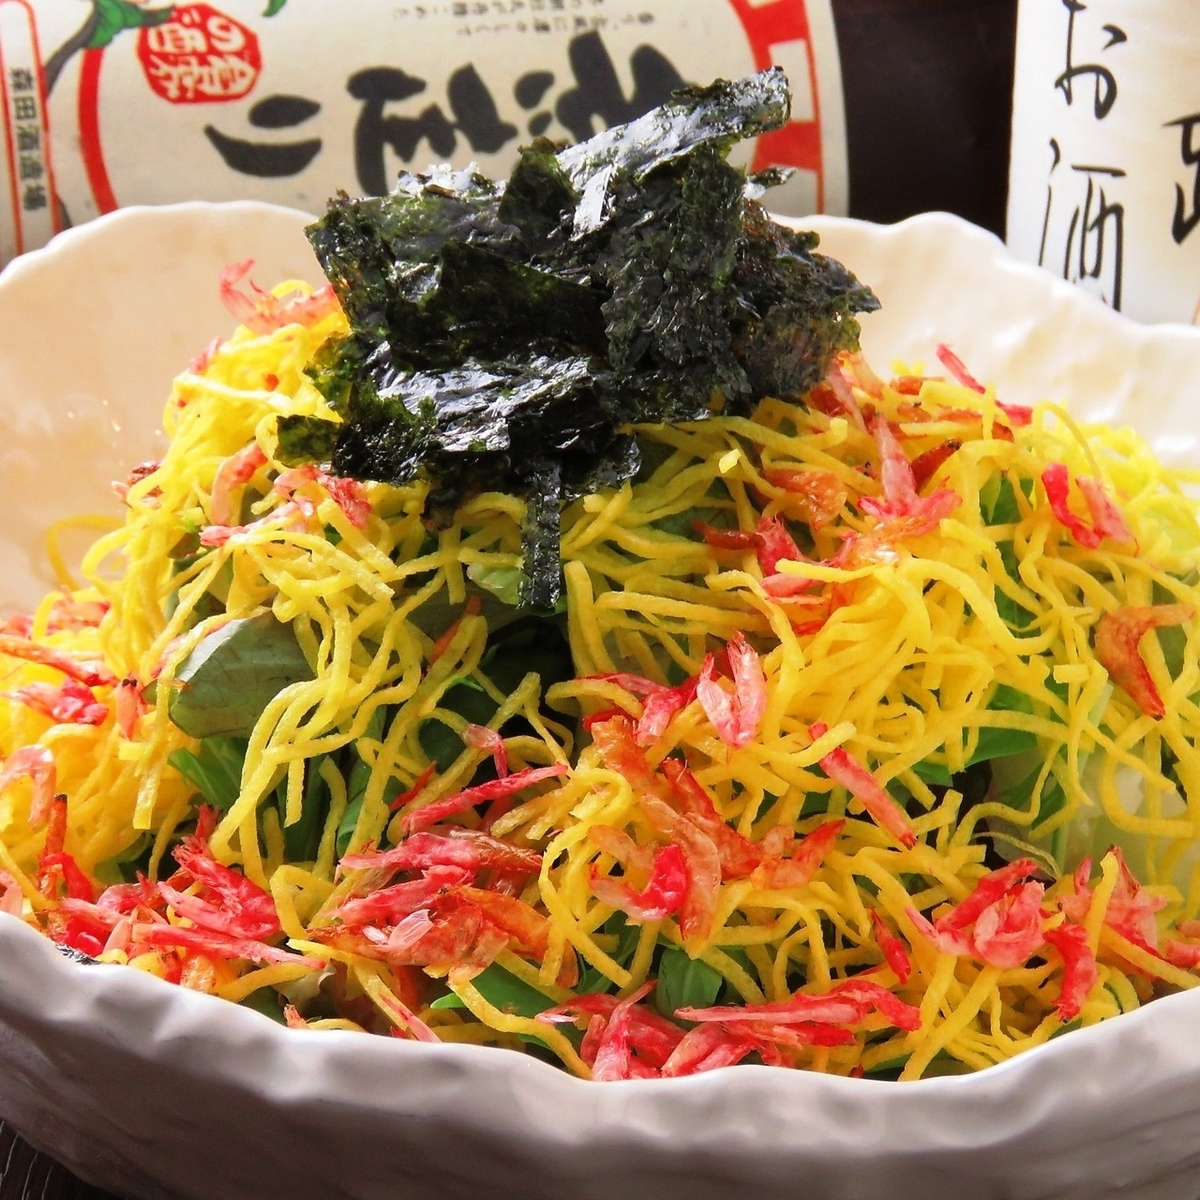 Good Ze salad